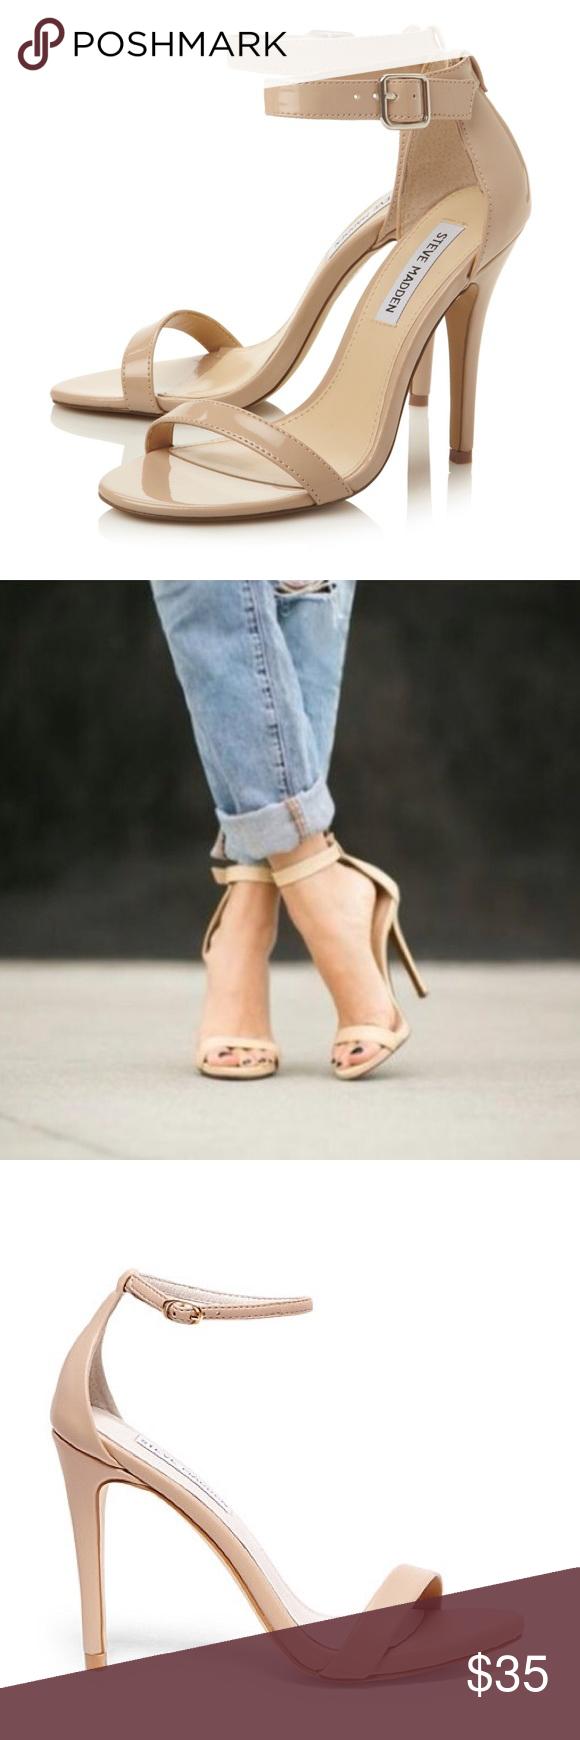 94cdecc32fe Steve Madden Blush Patent Heels These Steve Madden Realove sandal ...